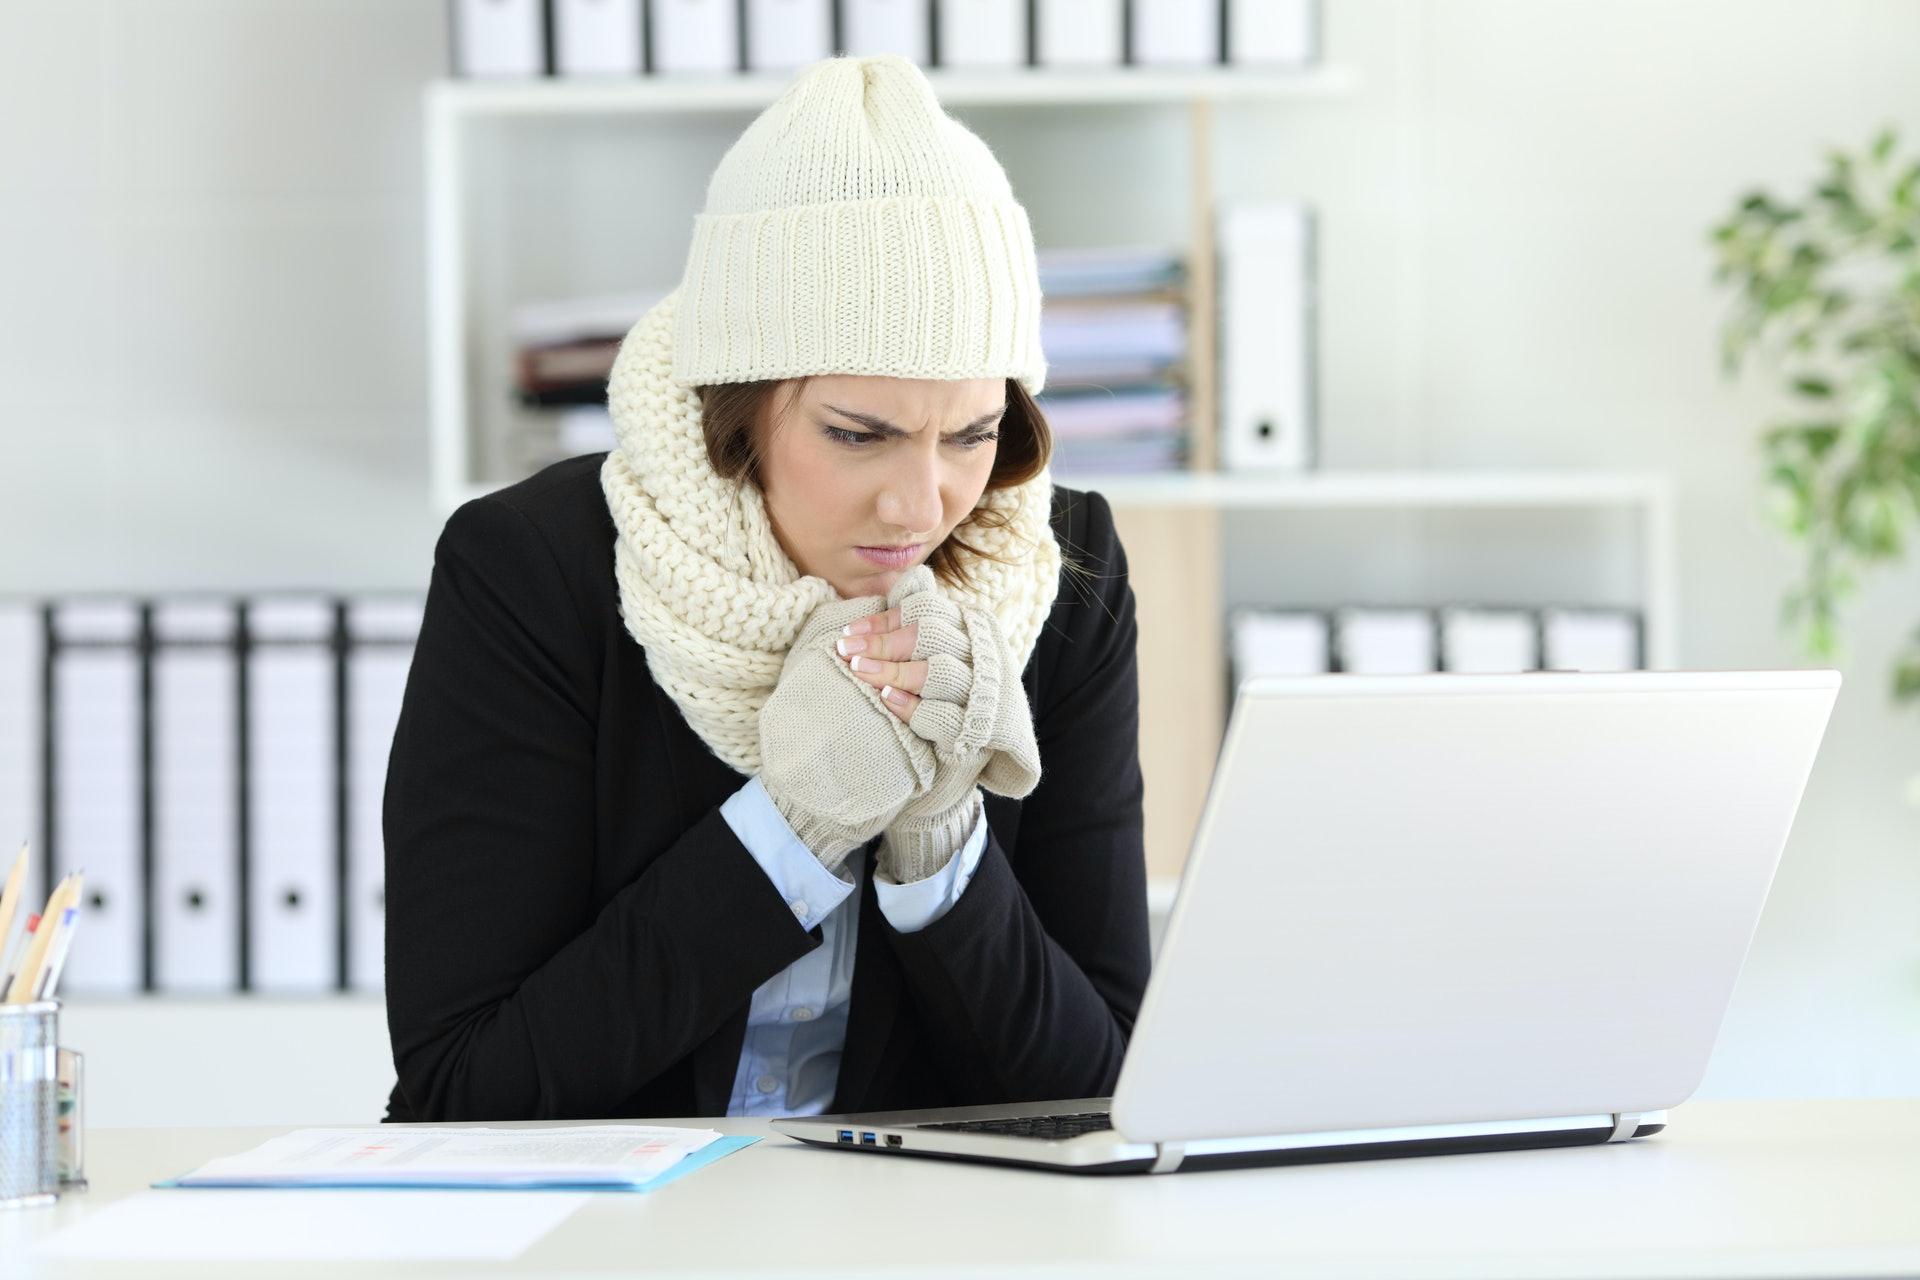 陽虛者會比常人更怕冷,不論季節都經常手腳冰冷。(圖片:ShutterStock)